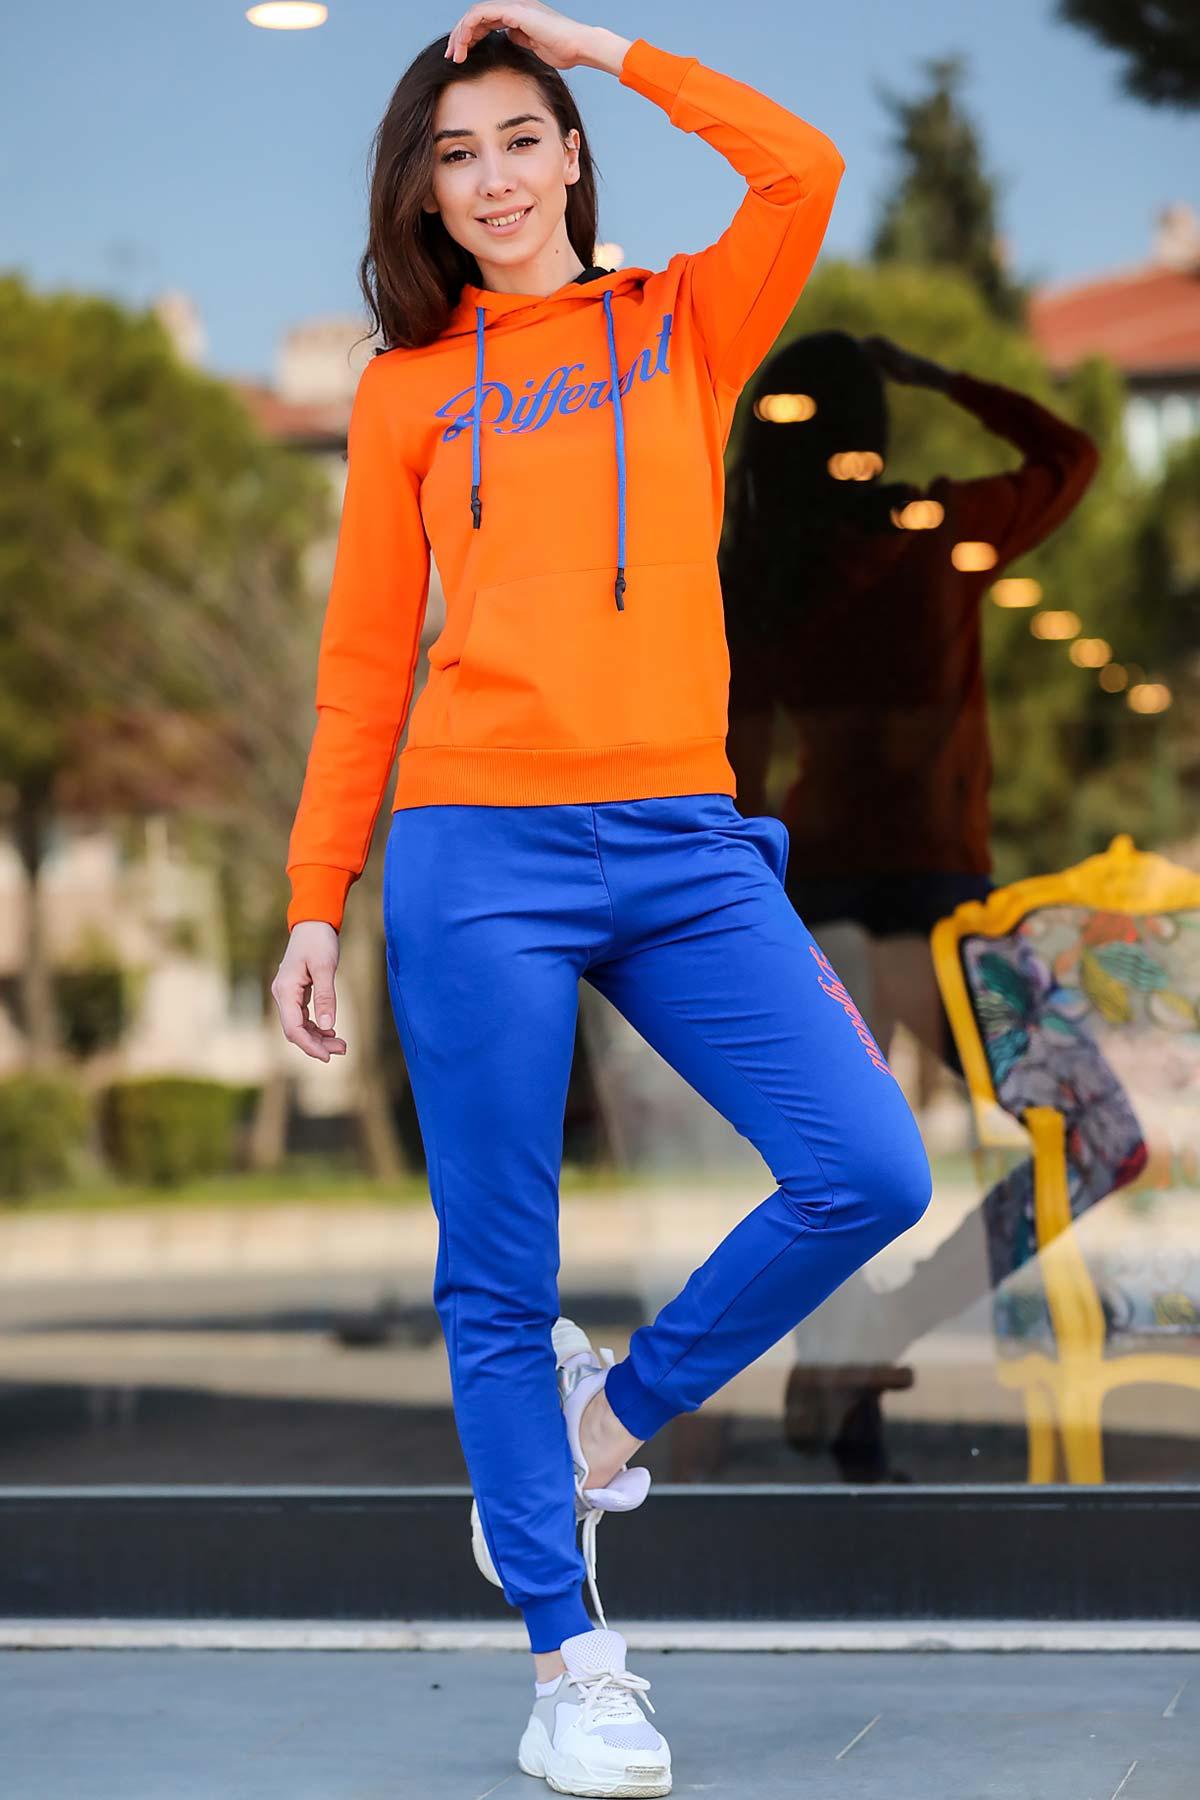 ملابس رياضية هودي برتقالي نسائية